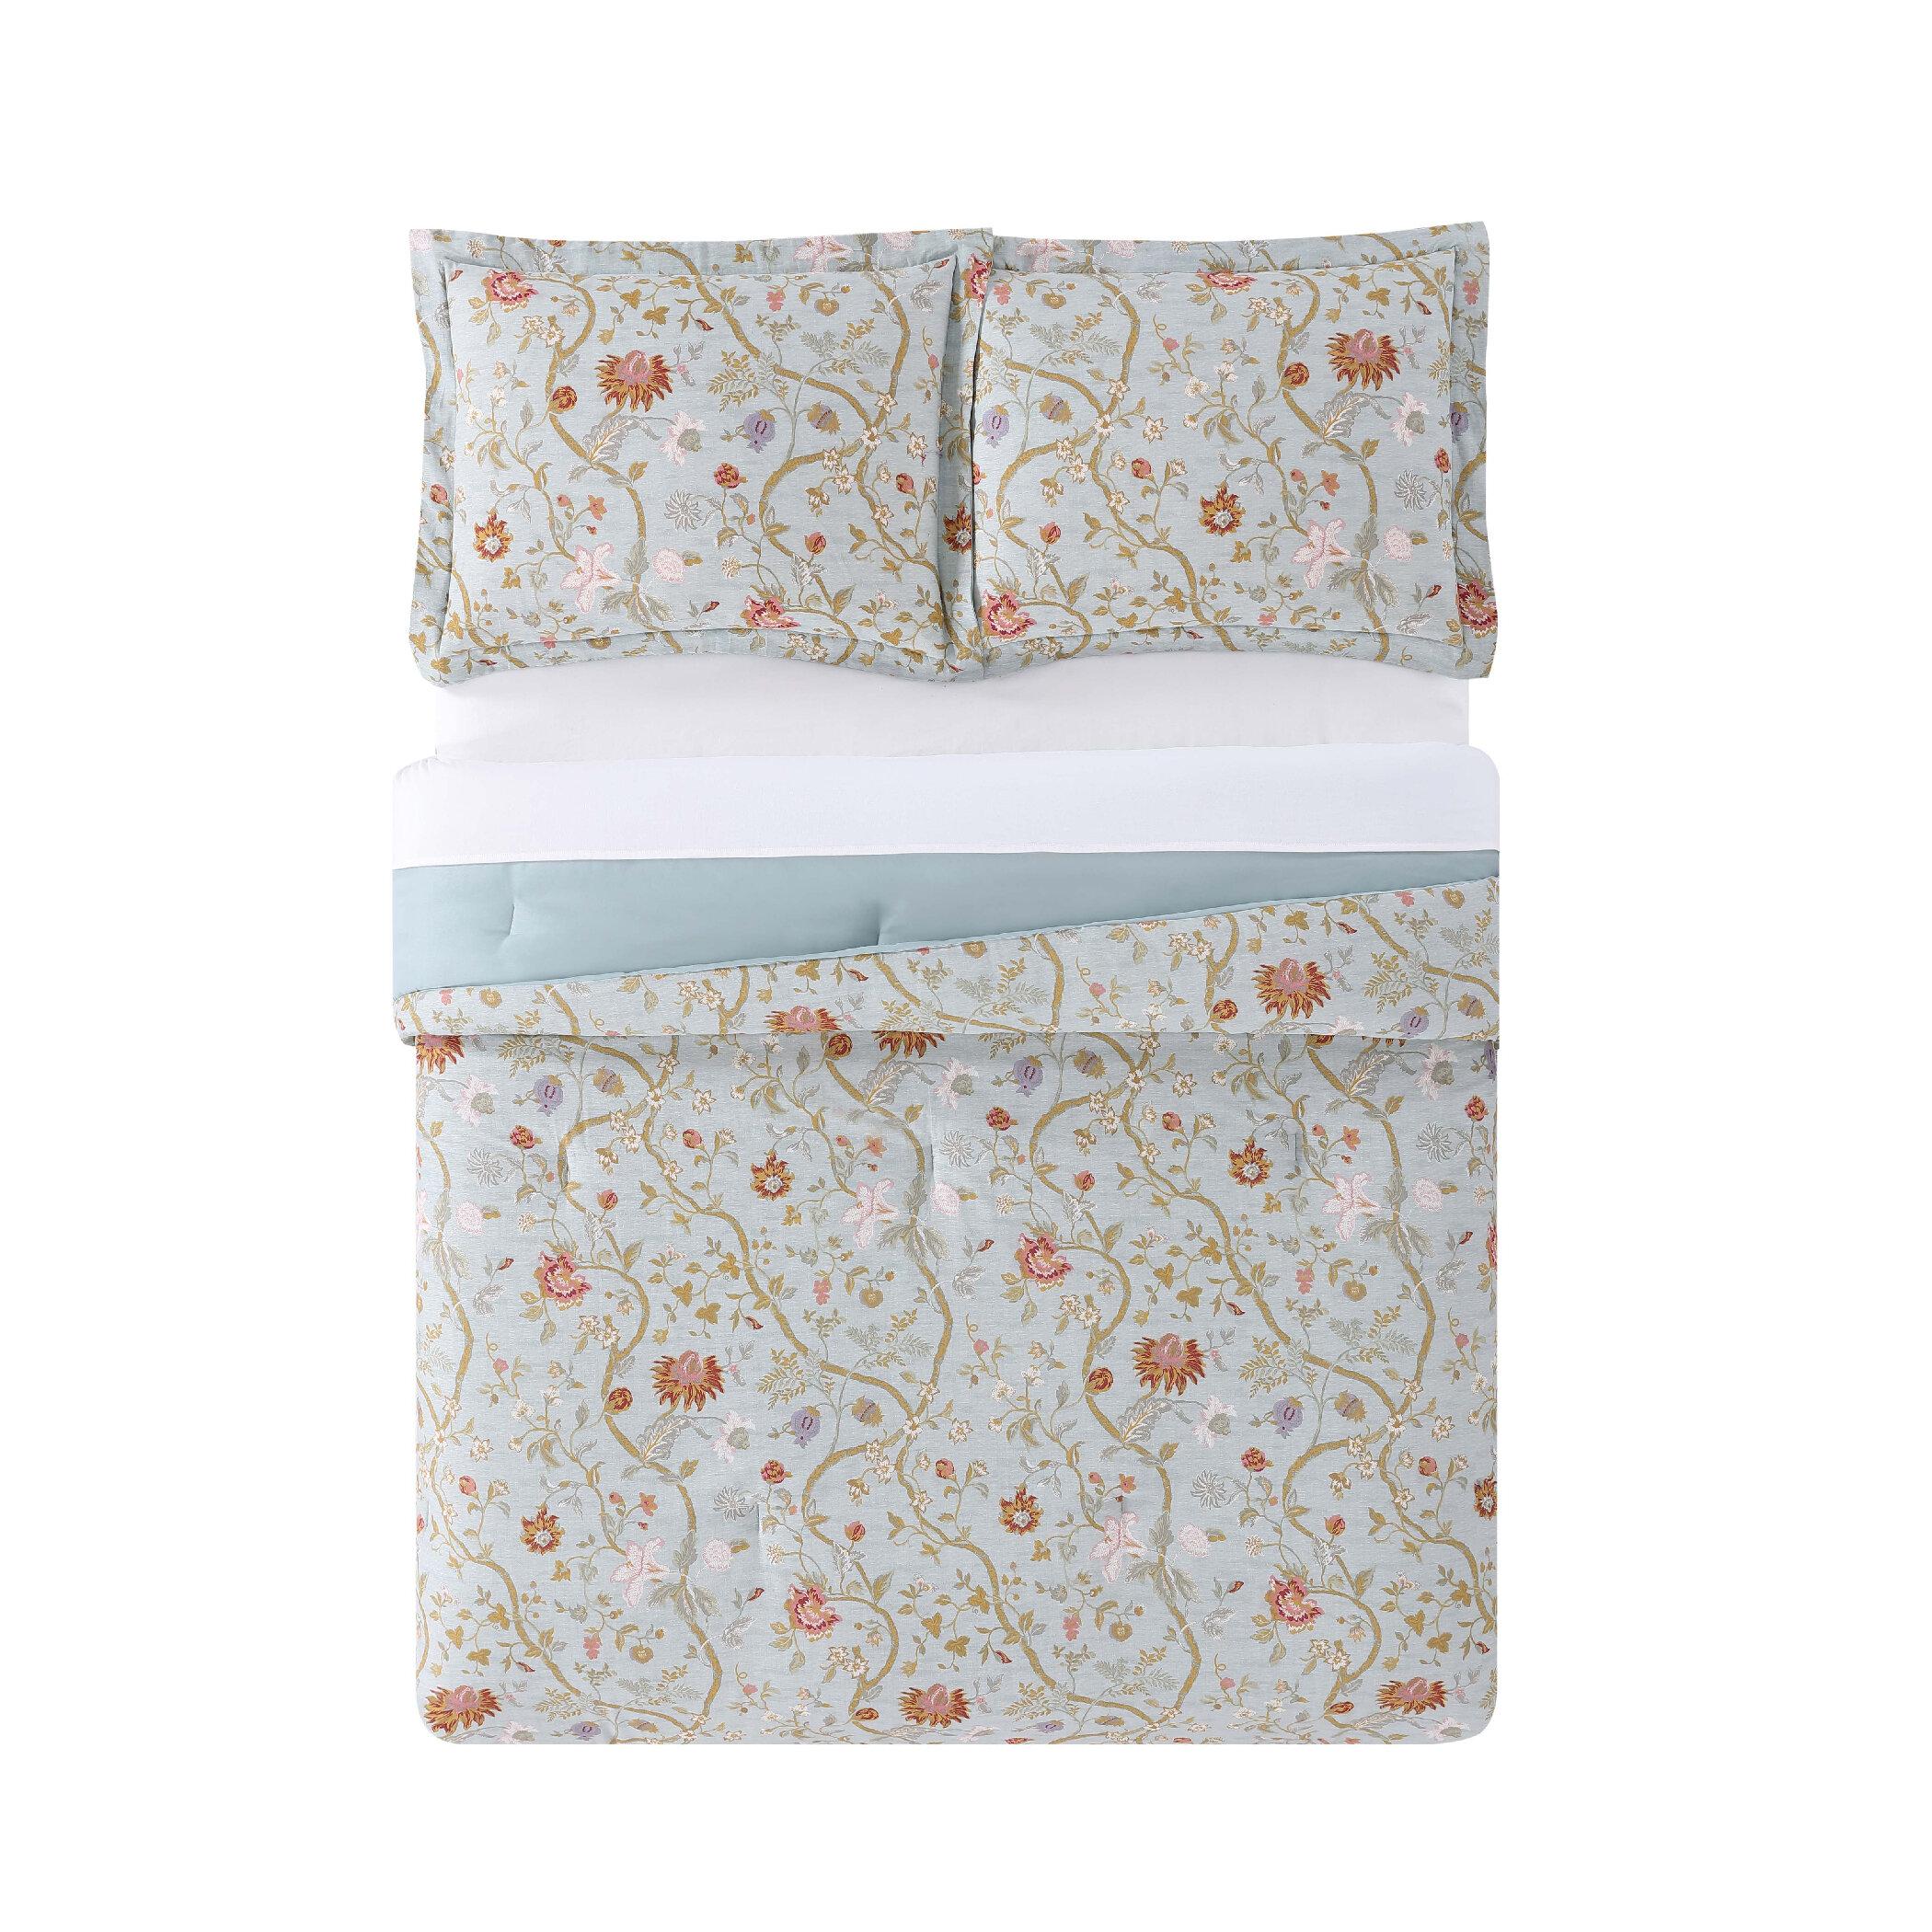 6 Piece Abigail Floral Mint//Blush//White Quilt Set Full//Queen